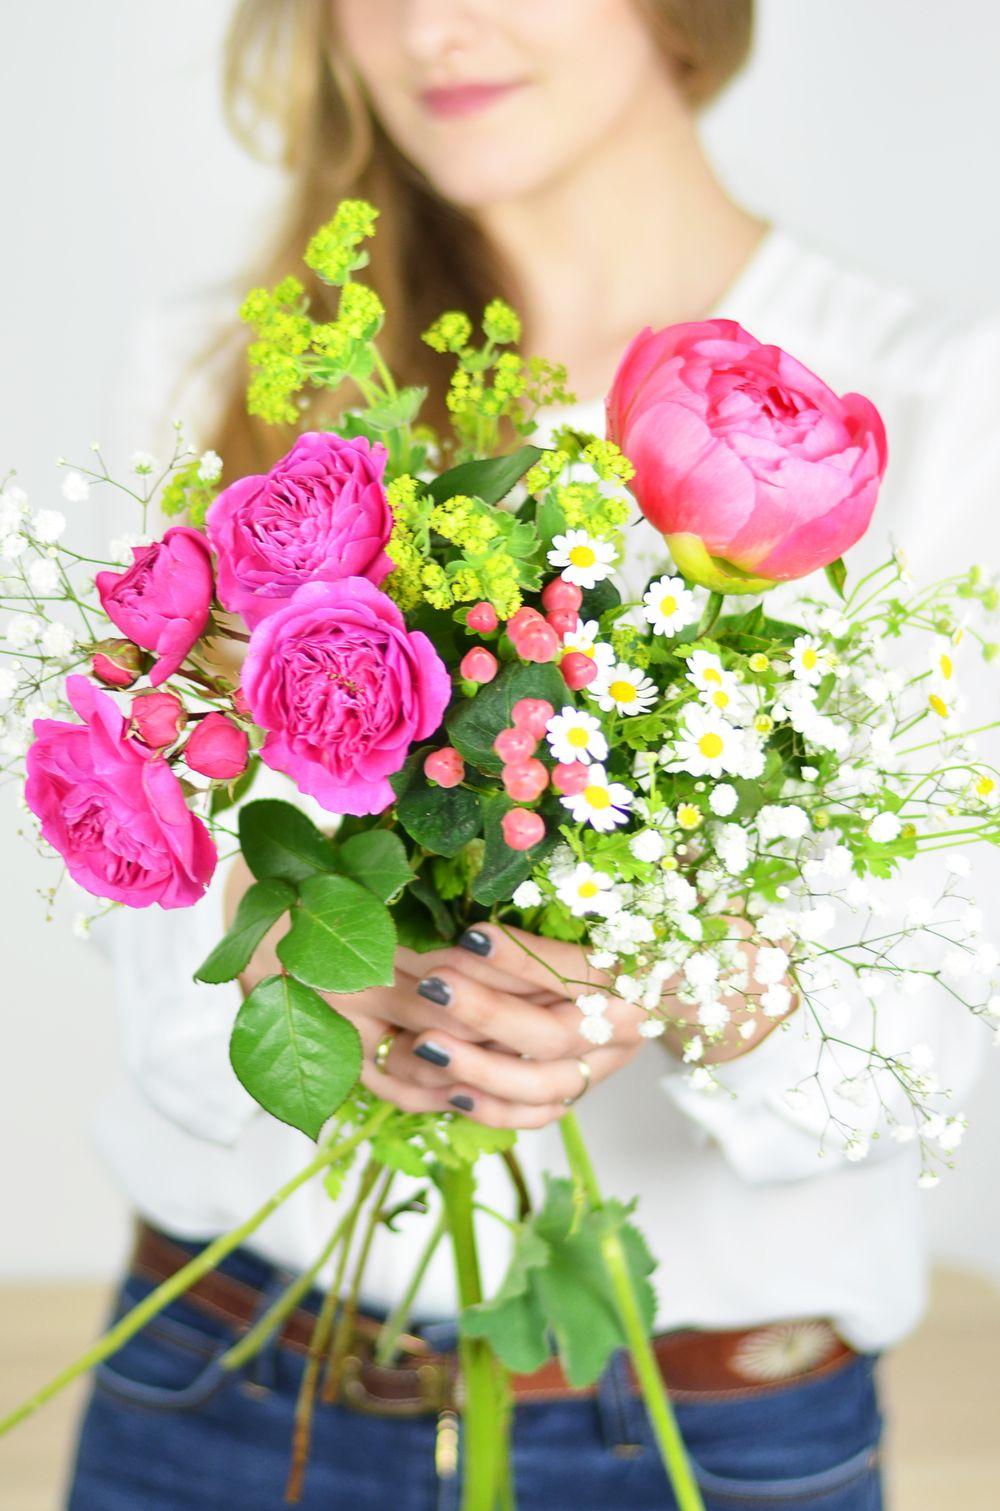 Jakie kwiaty na dzień kobiet? | Polenka.pl